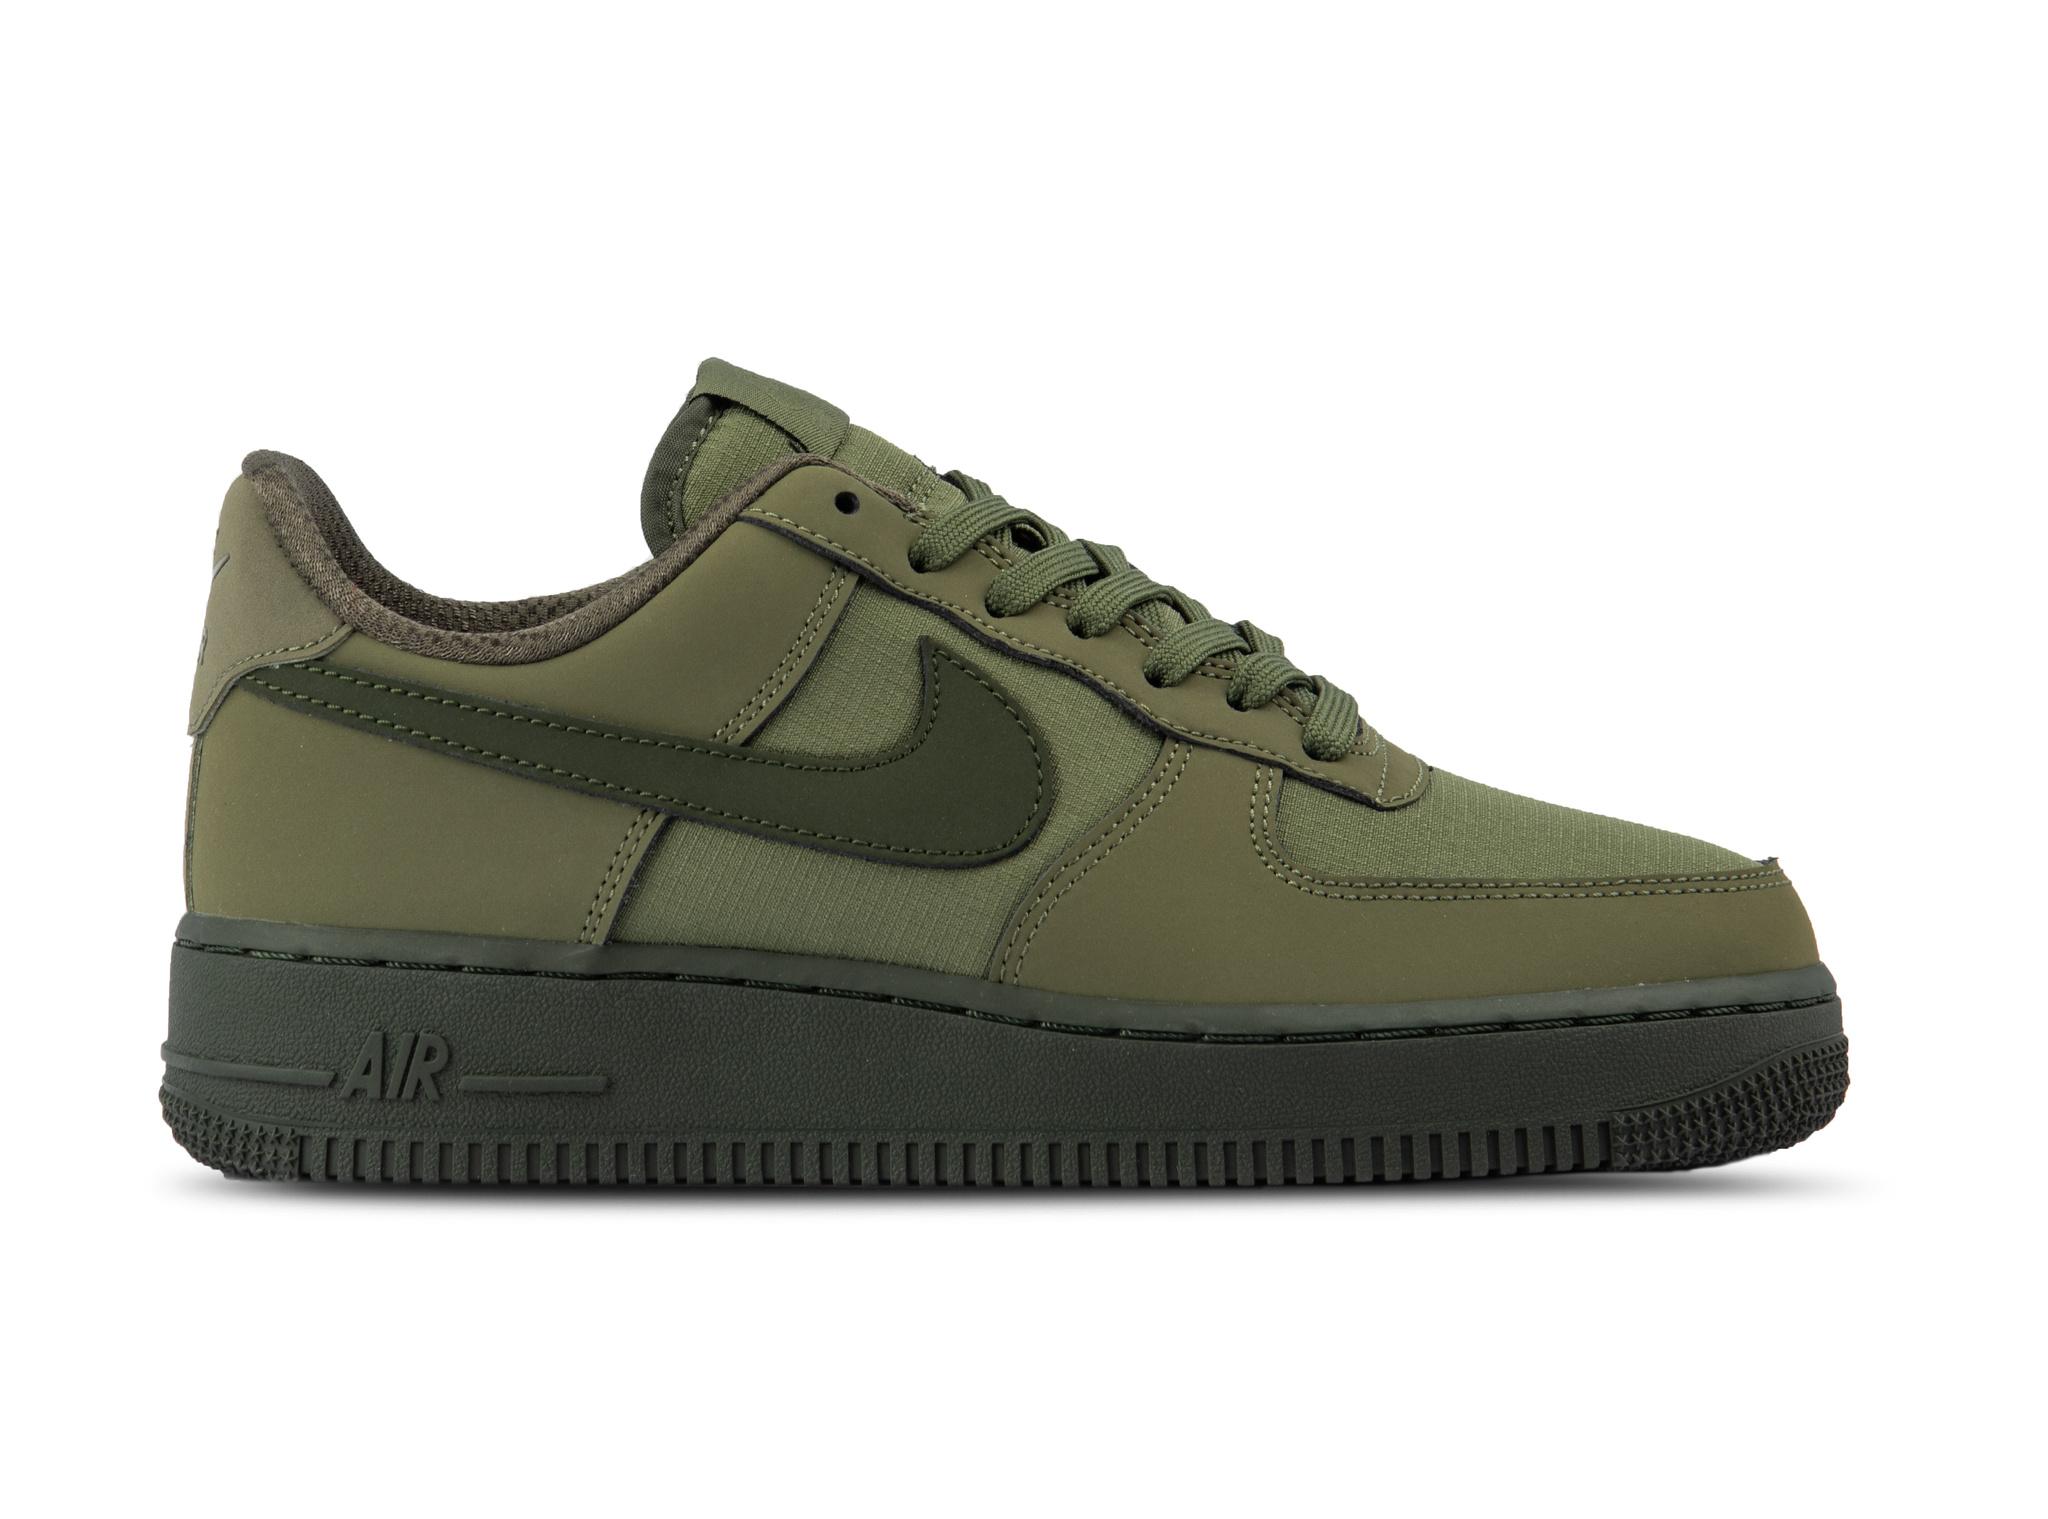 368755e9fa0 Air Force 1 '07 TXT Medium Olive Sequoia AJ7282 200